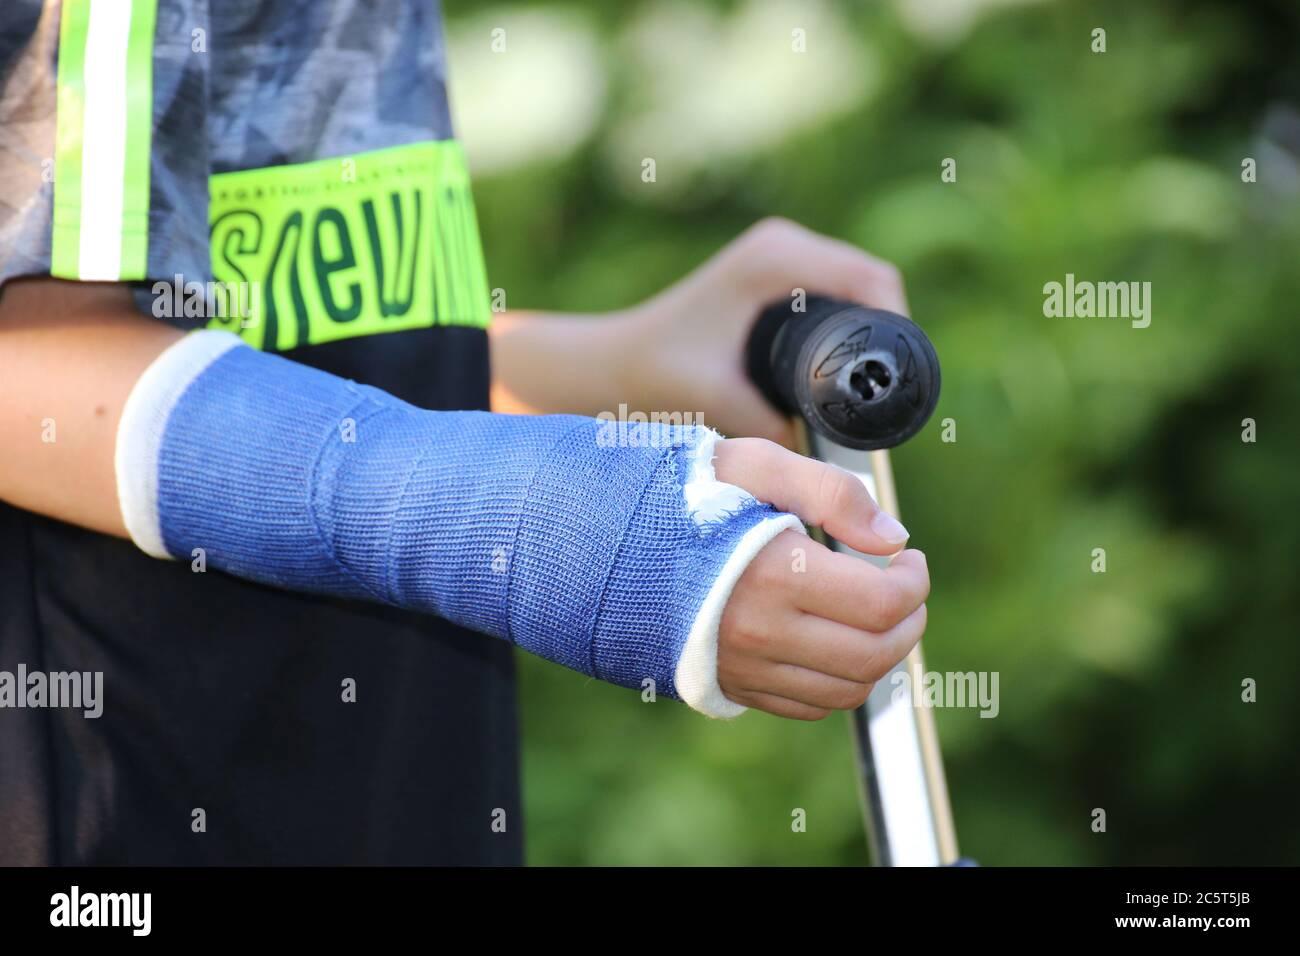 Nahaufnahme von einem Jungen mit Gipsarm (Model released) Stock Photo